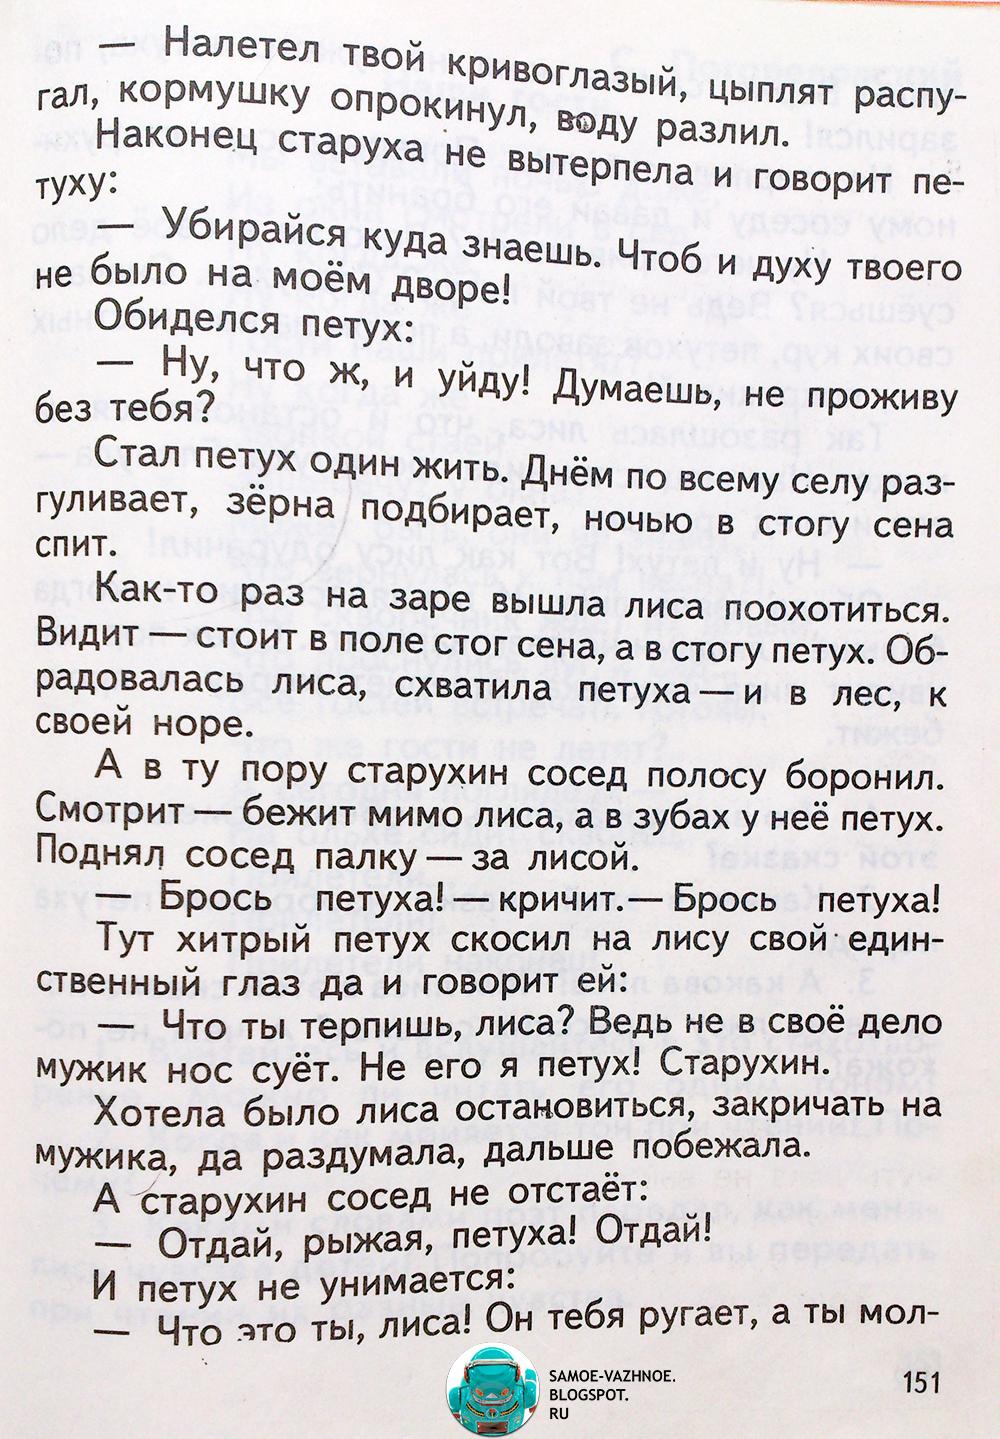 Рассказ ермолаева лучший друг читать онлайн